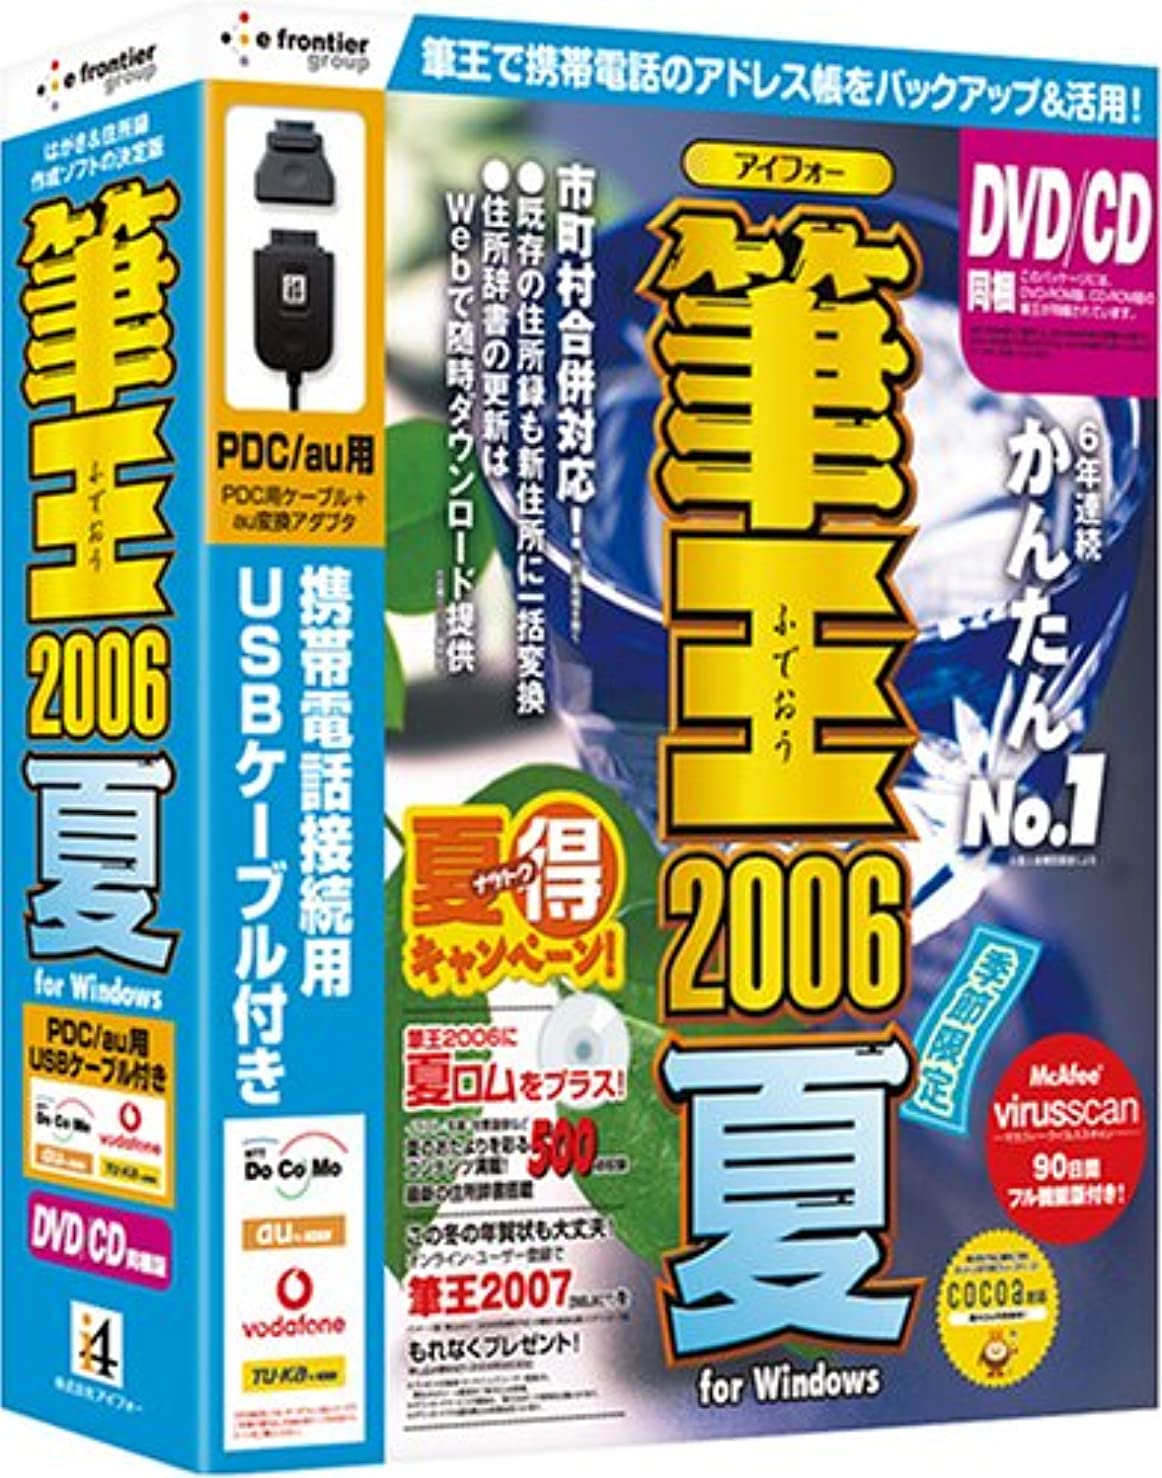 剥離非公式詳細な筆王2006夏 for Windows PDC/au用USBケーブル付き